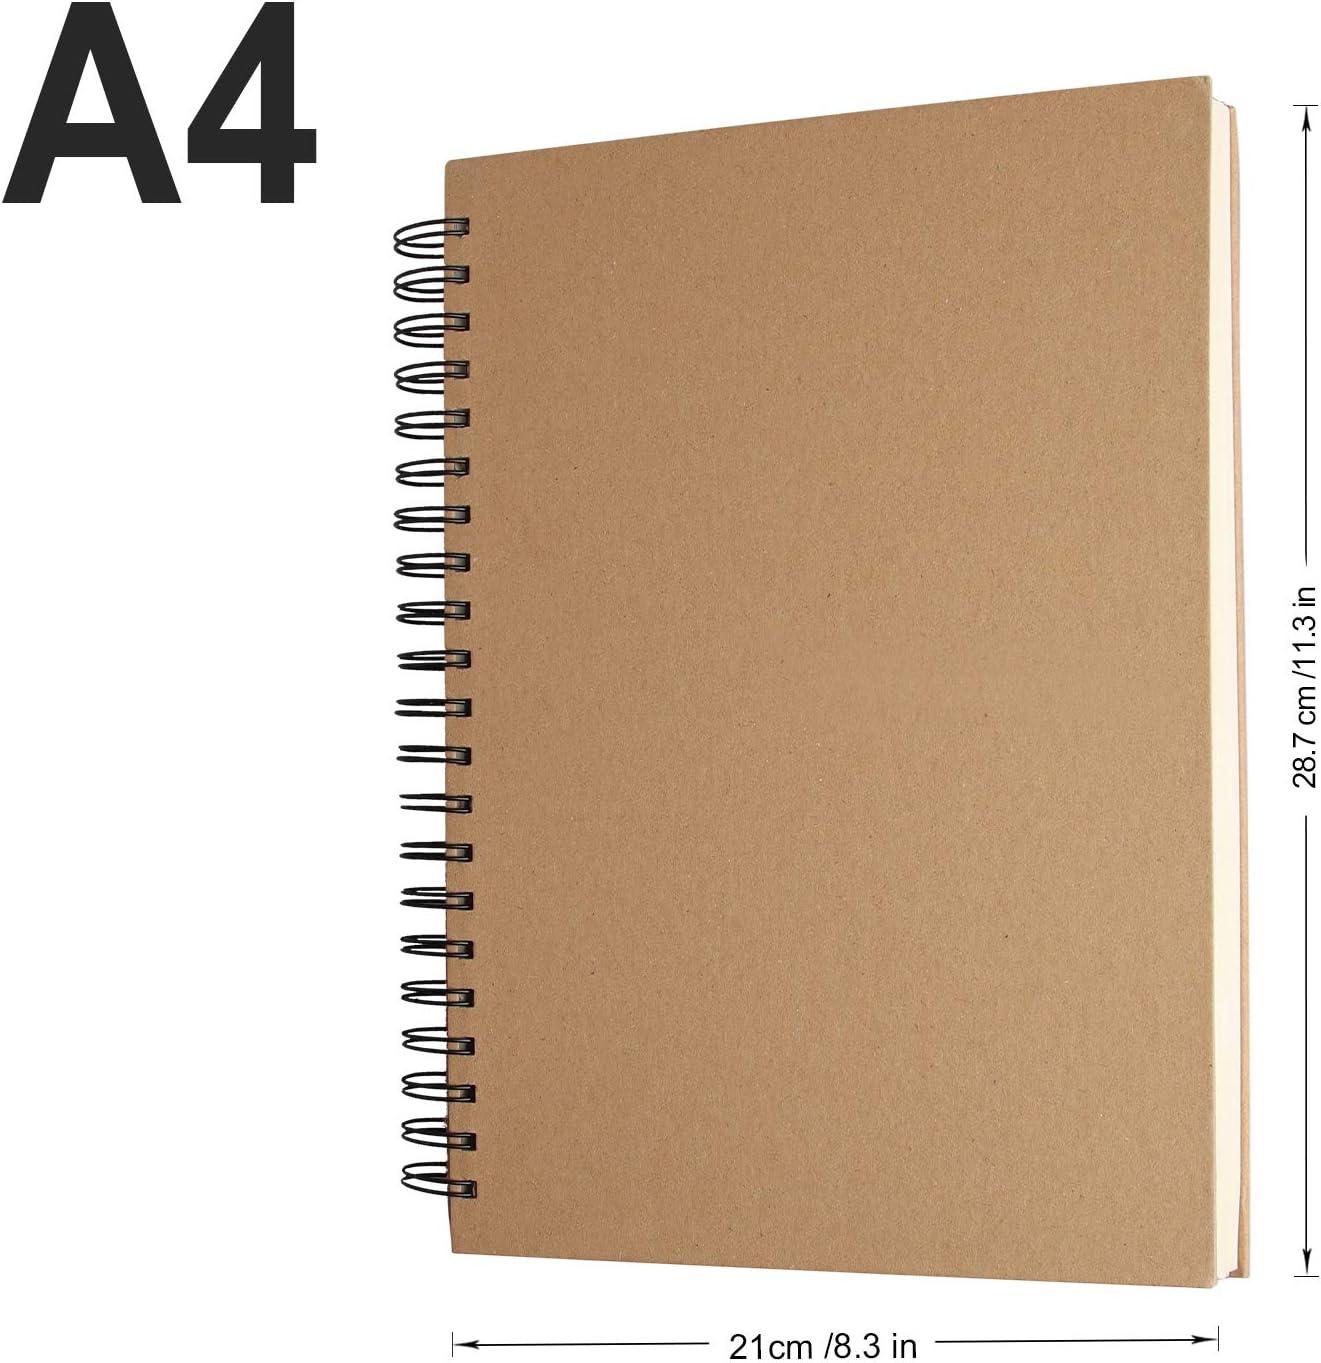 NOBRANDED Album per Schizzi Quaderno da Disegno Spiralati Adatto per Adulti e Bambini 120 Pagine 110 g//m/² Tecniche di Asciugatura per Principianti ed Esperti Quaderno A4 in Carta Priva di Acidi